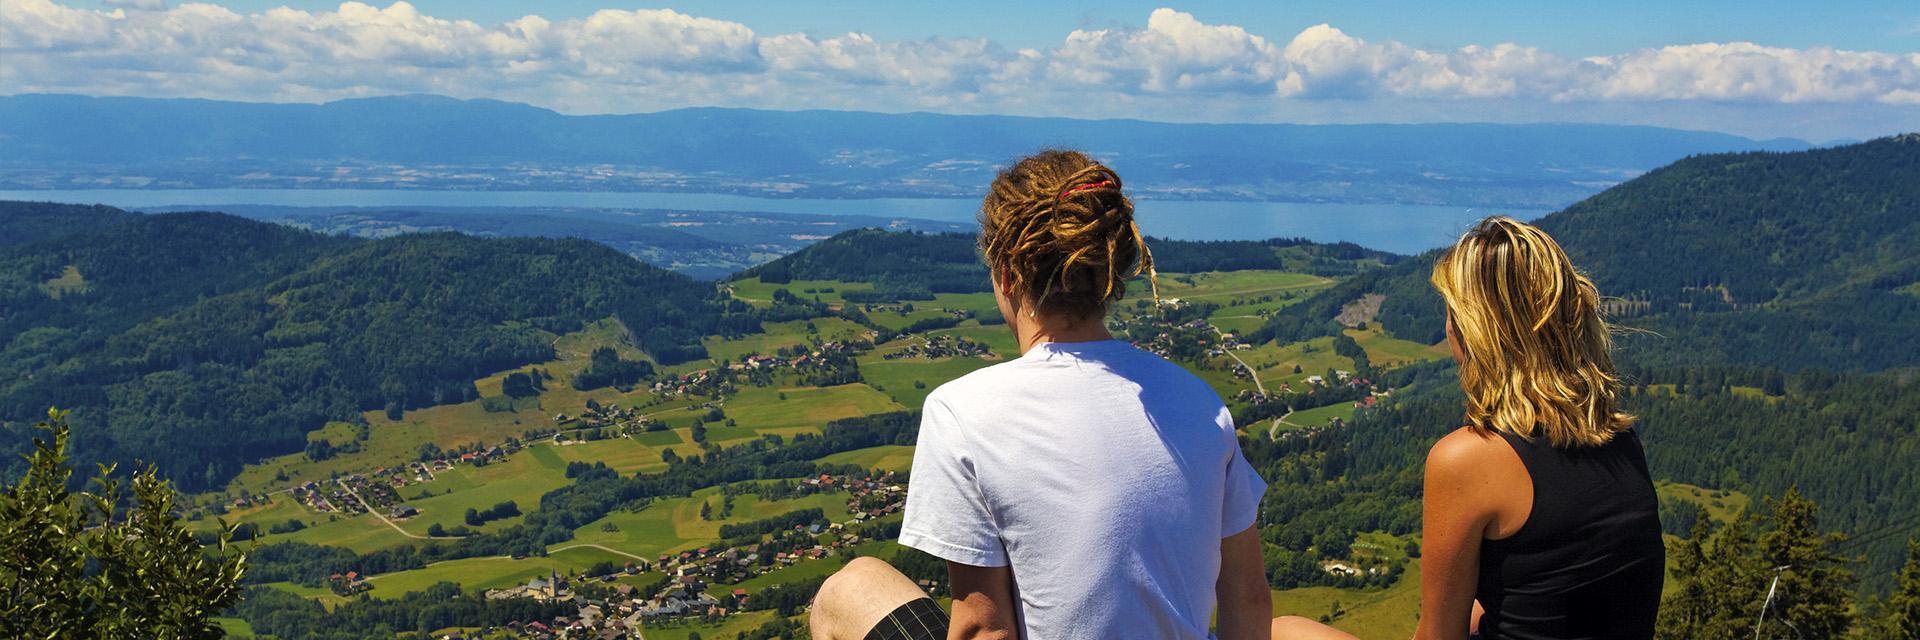 village-vacance-les-cimes-leman-panorama-montagne